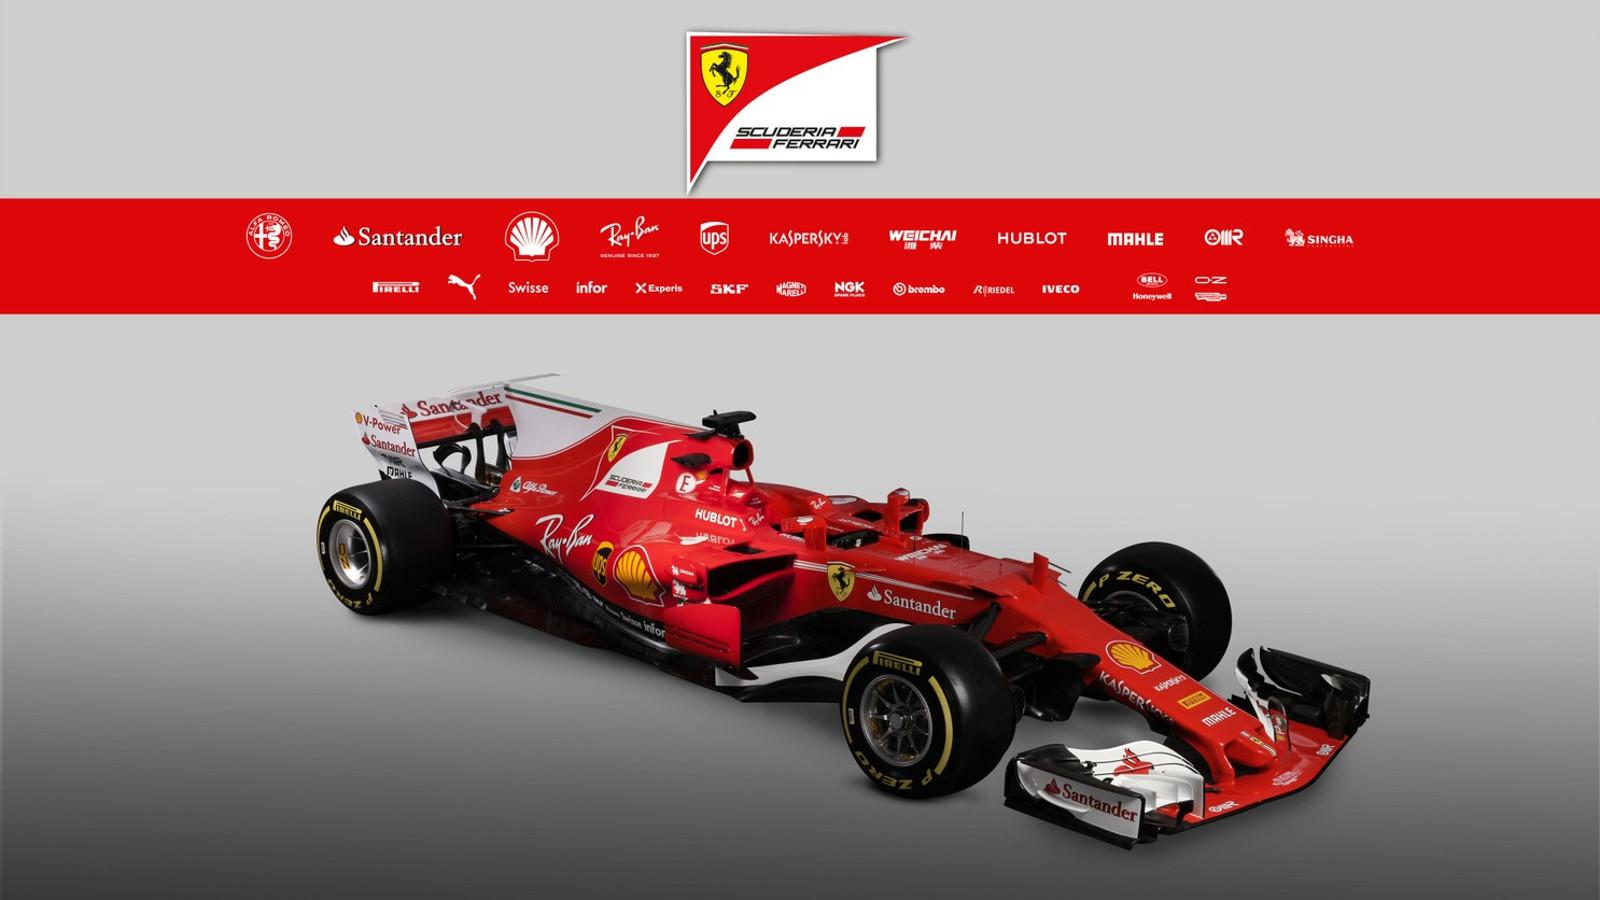 Ferrari F1 SF70H 2017